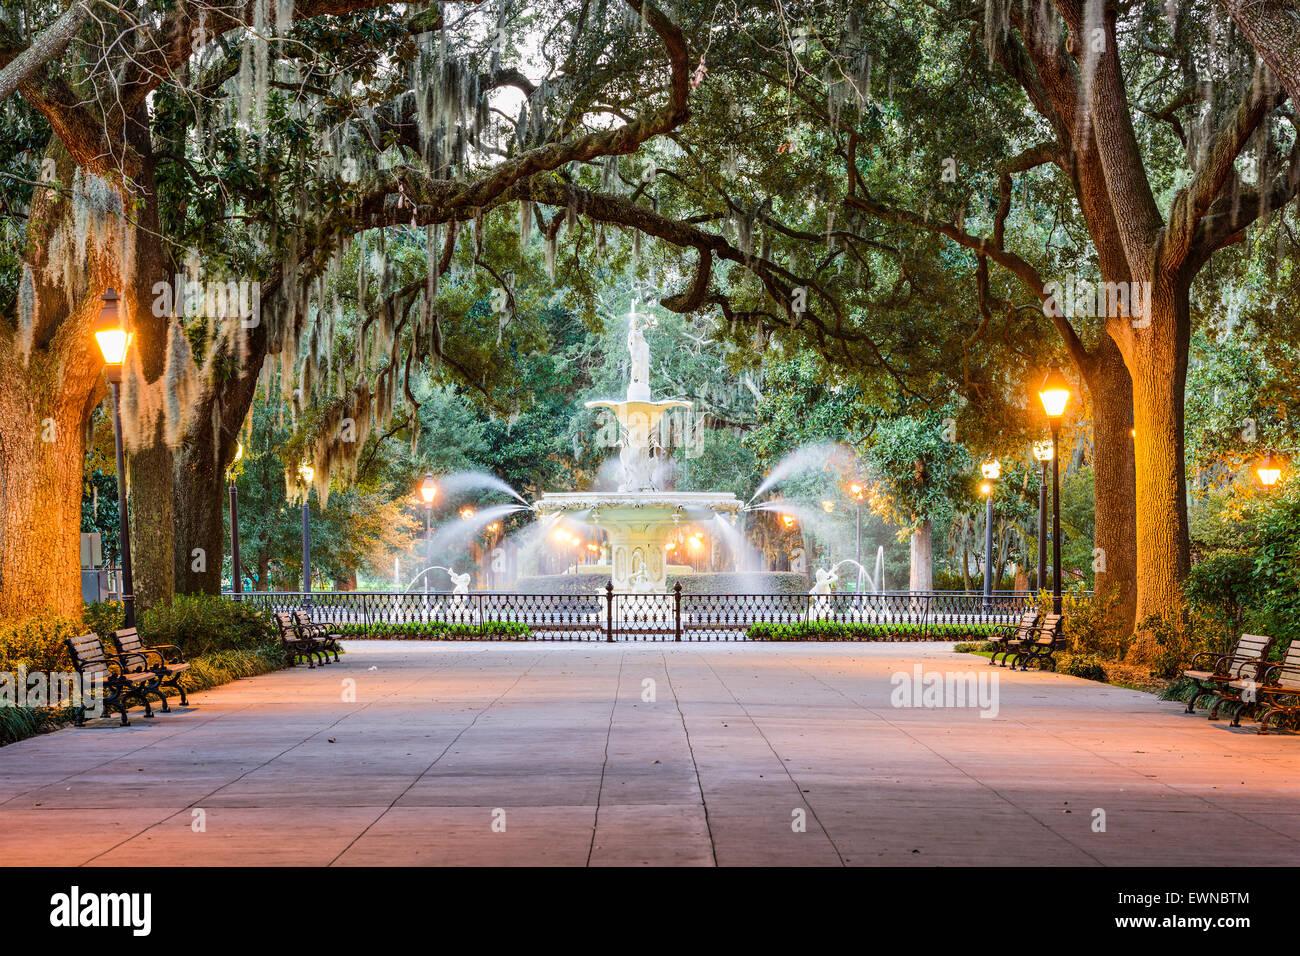 Savannah, Georgia, USA am Forsyth Park Brunnen. Stockbild